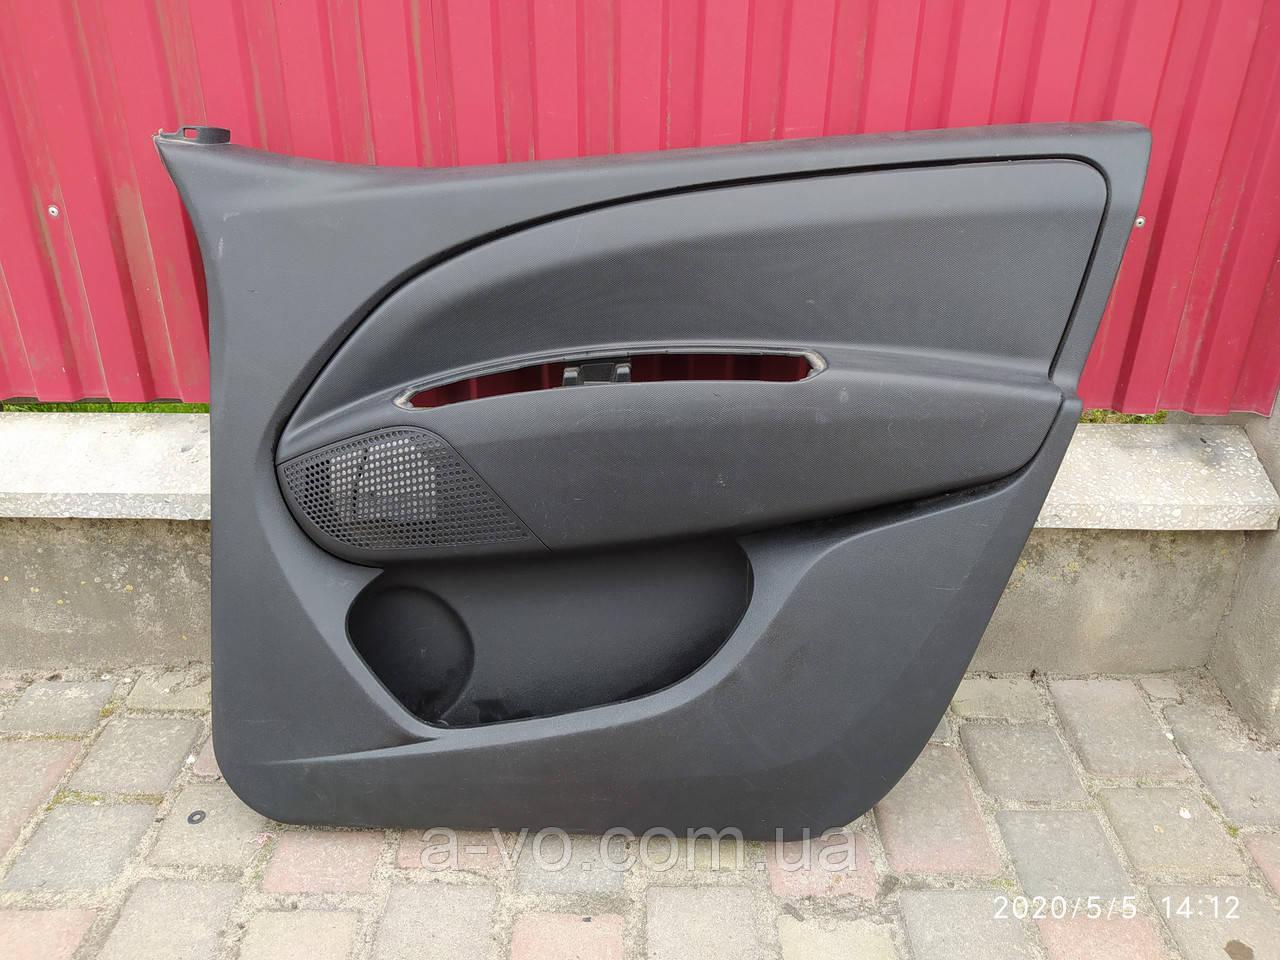 Карта обшивка двери передняя правая Opel Combo Fiat Doblo  735469697  735455641